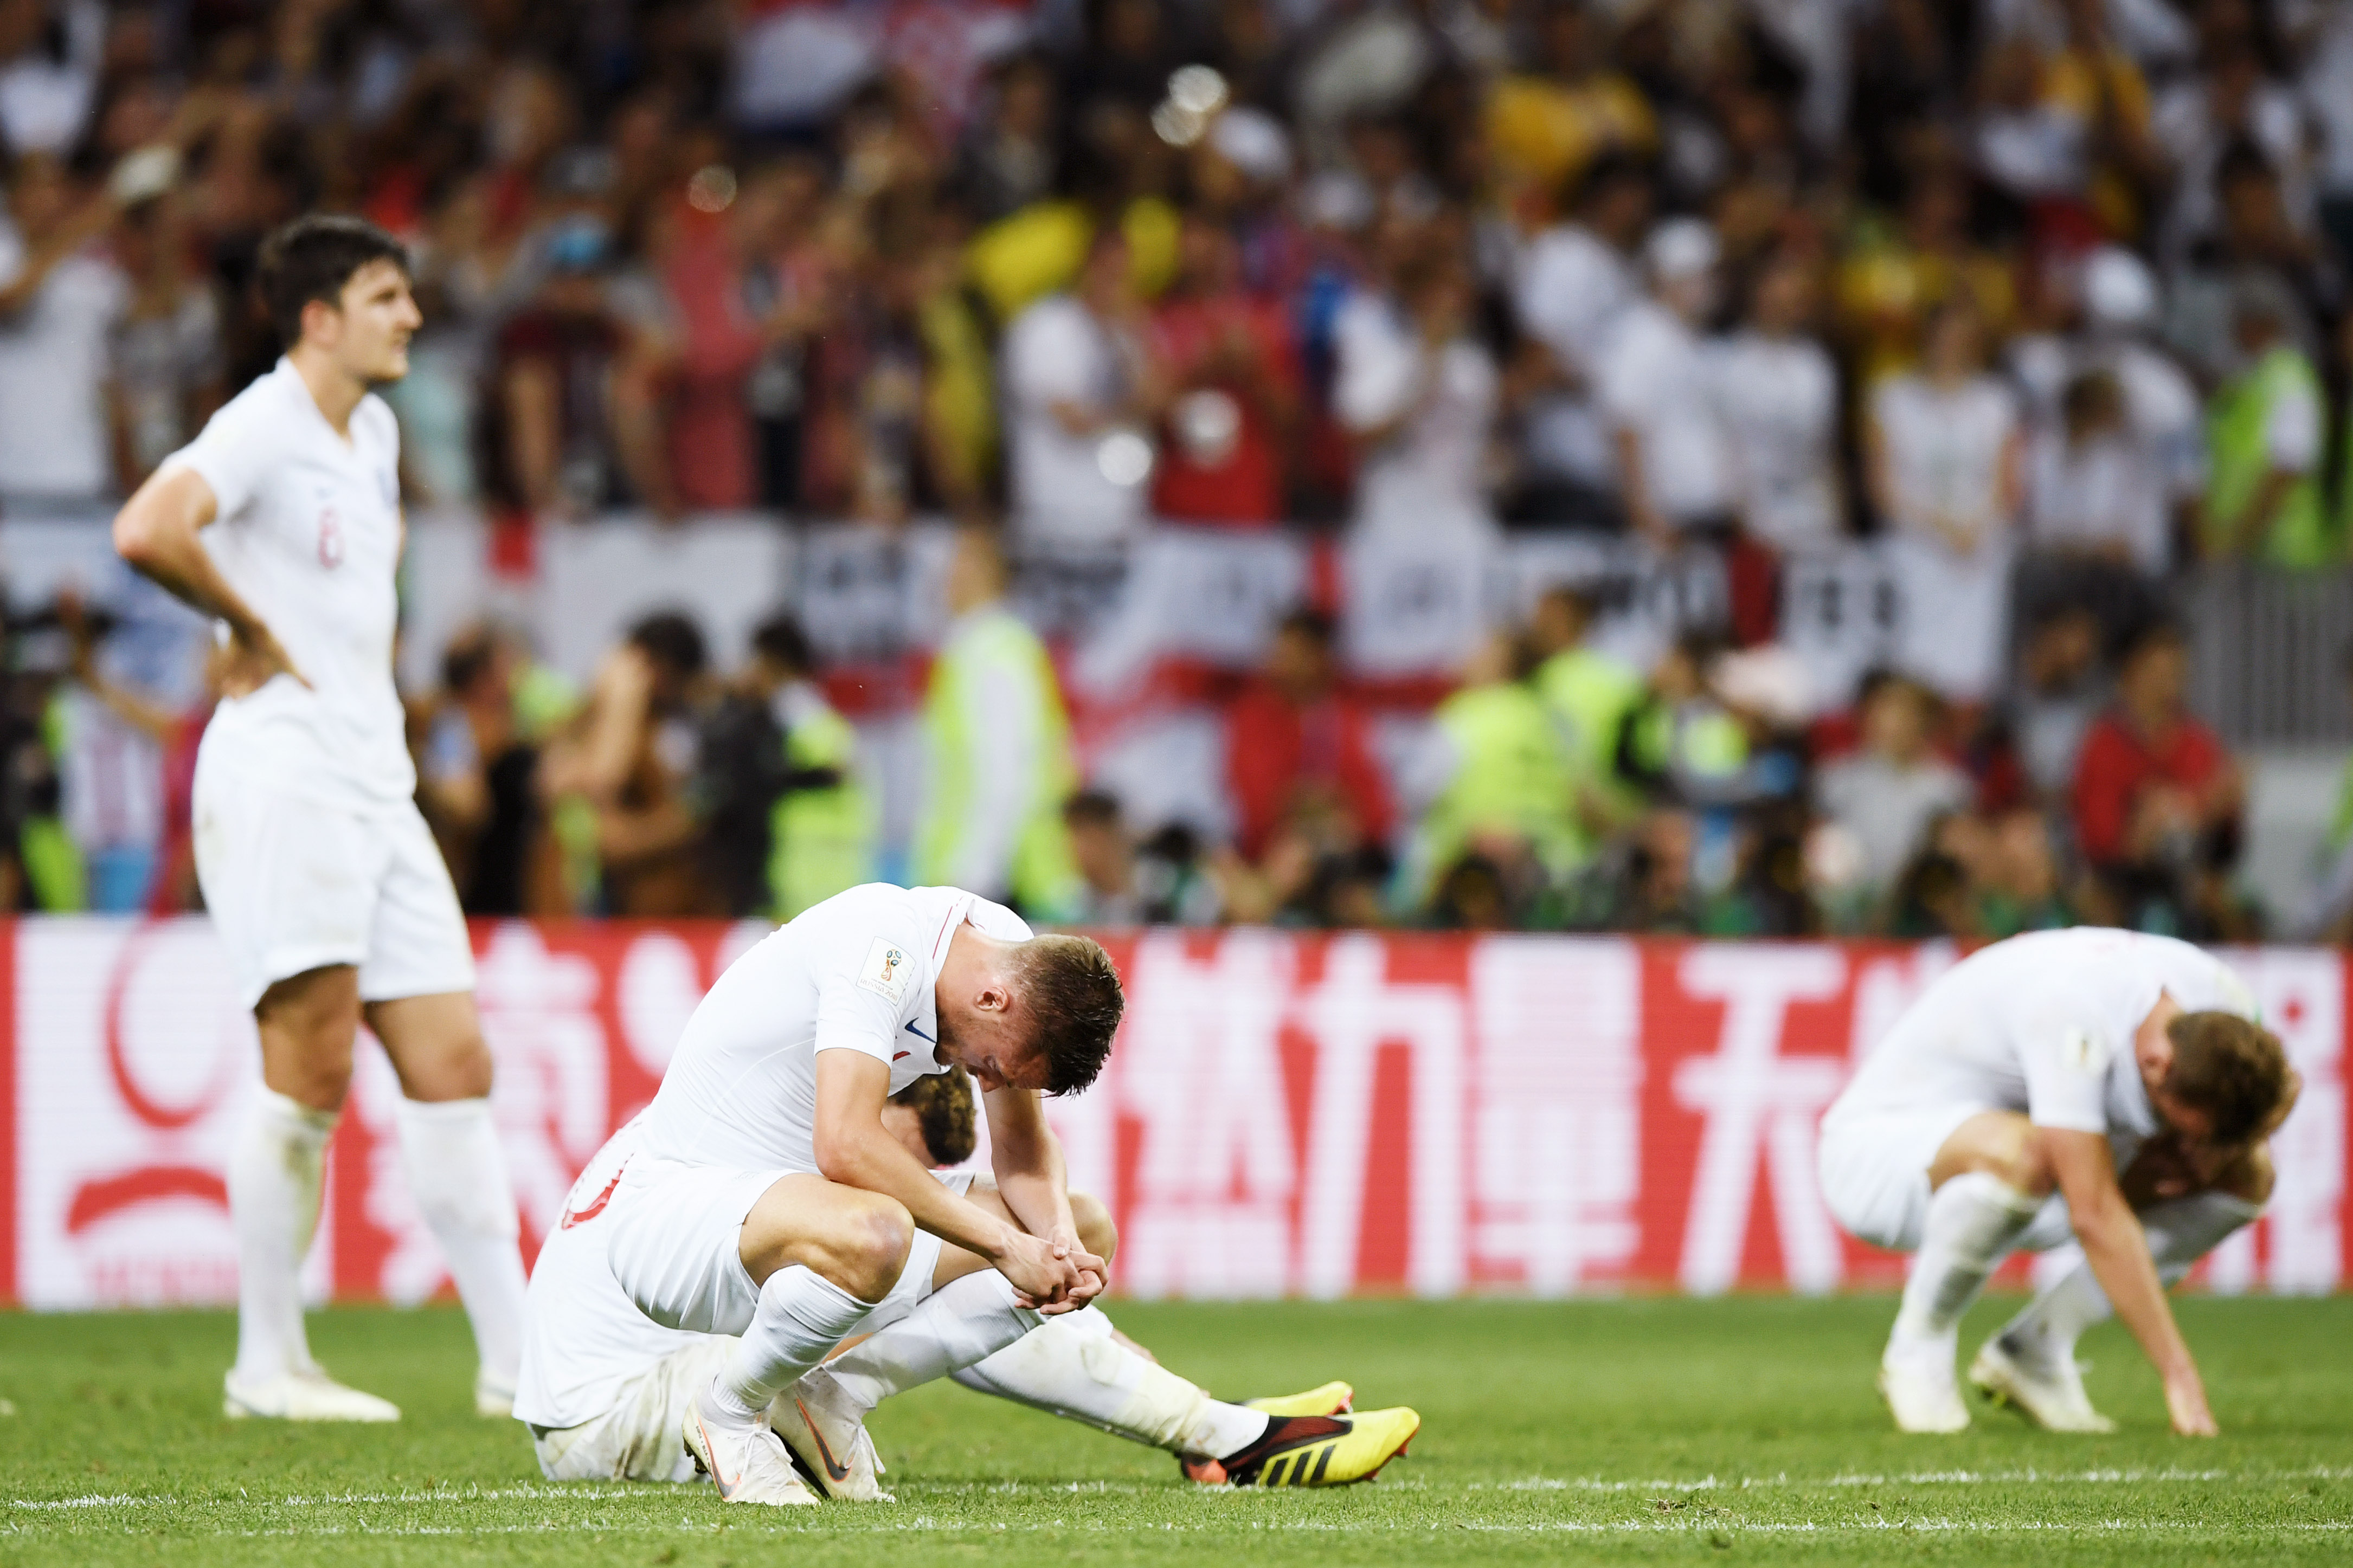 Победную серию англичан наэтом чемпионате оборвали хорваты, обыгравшие